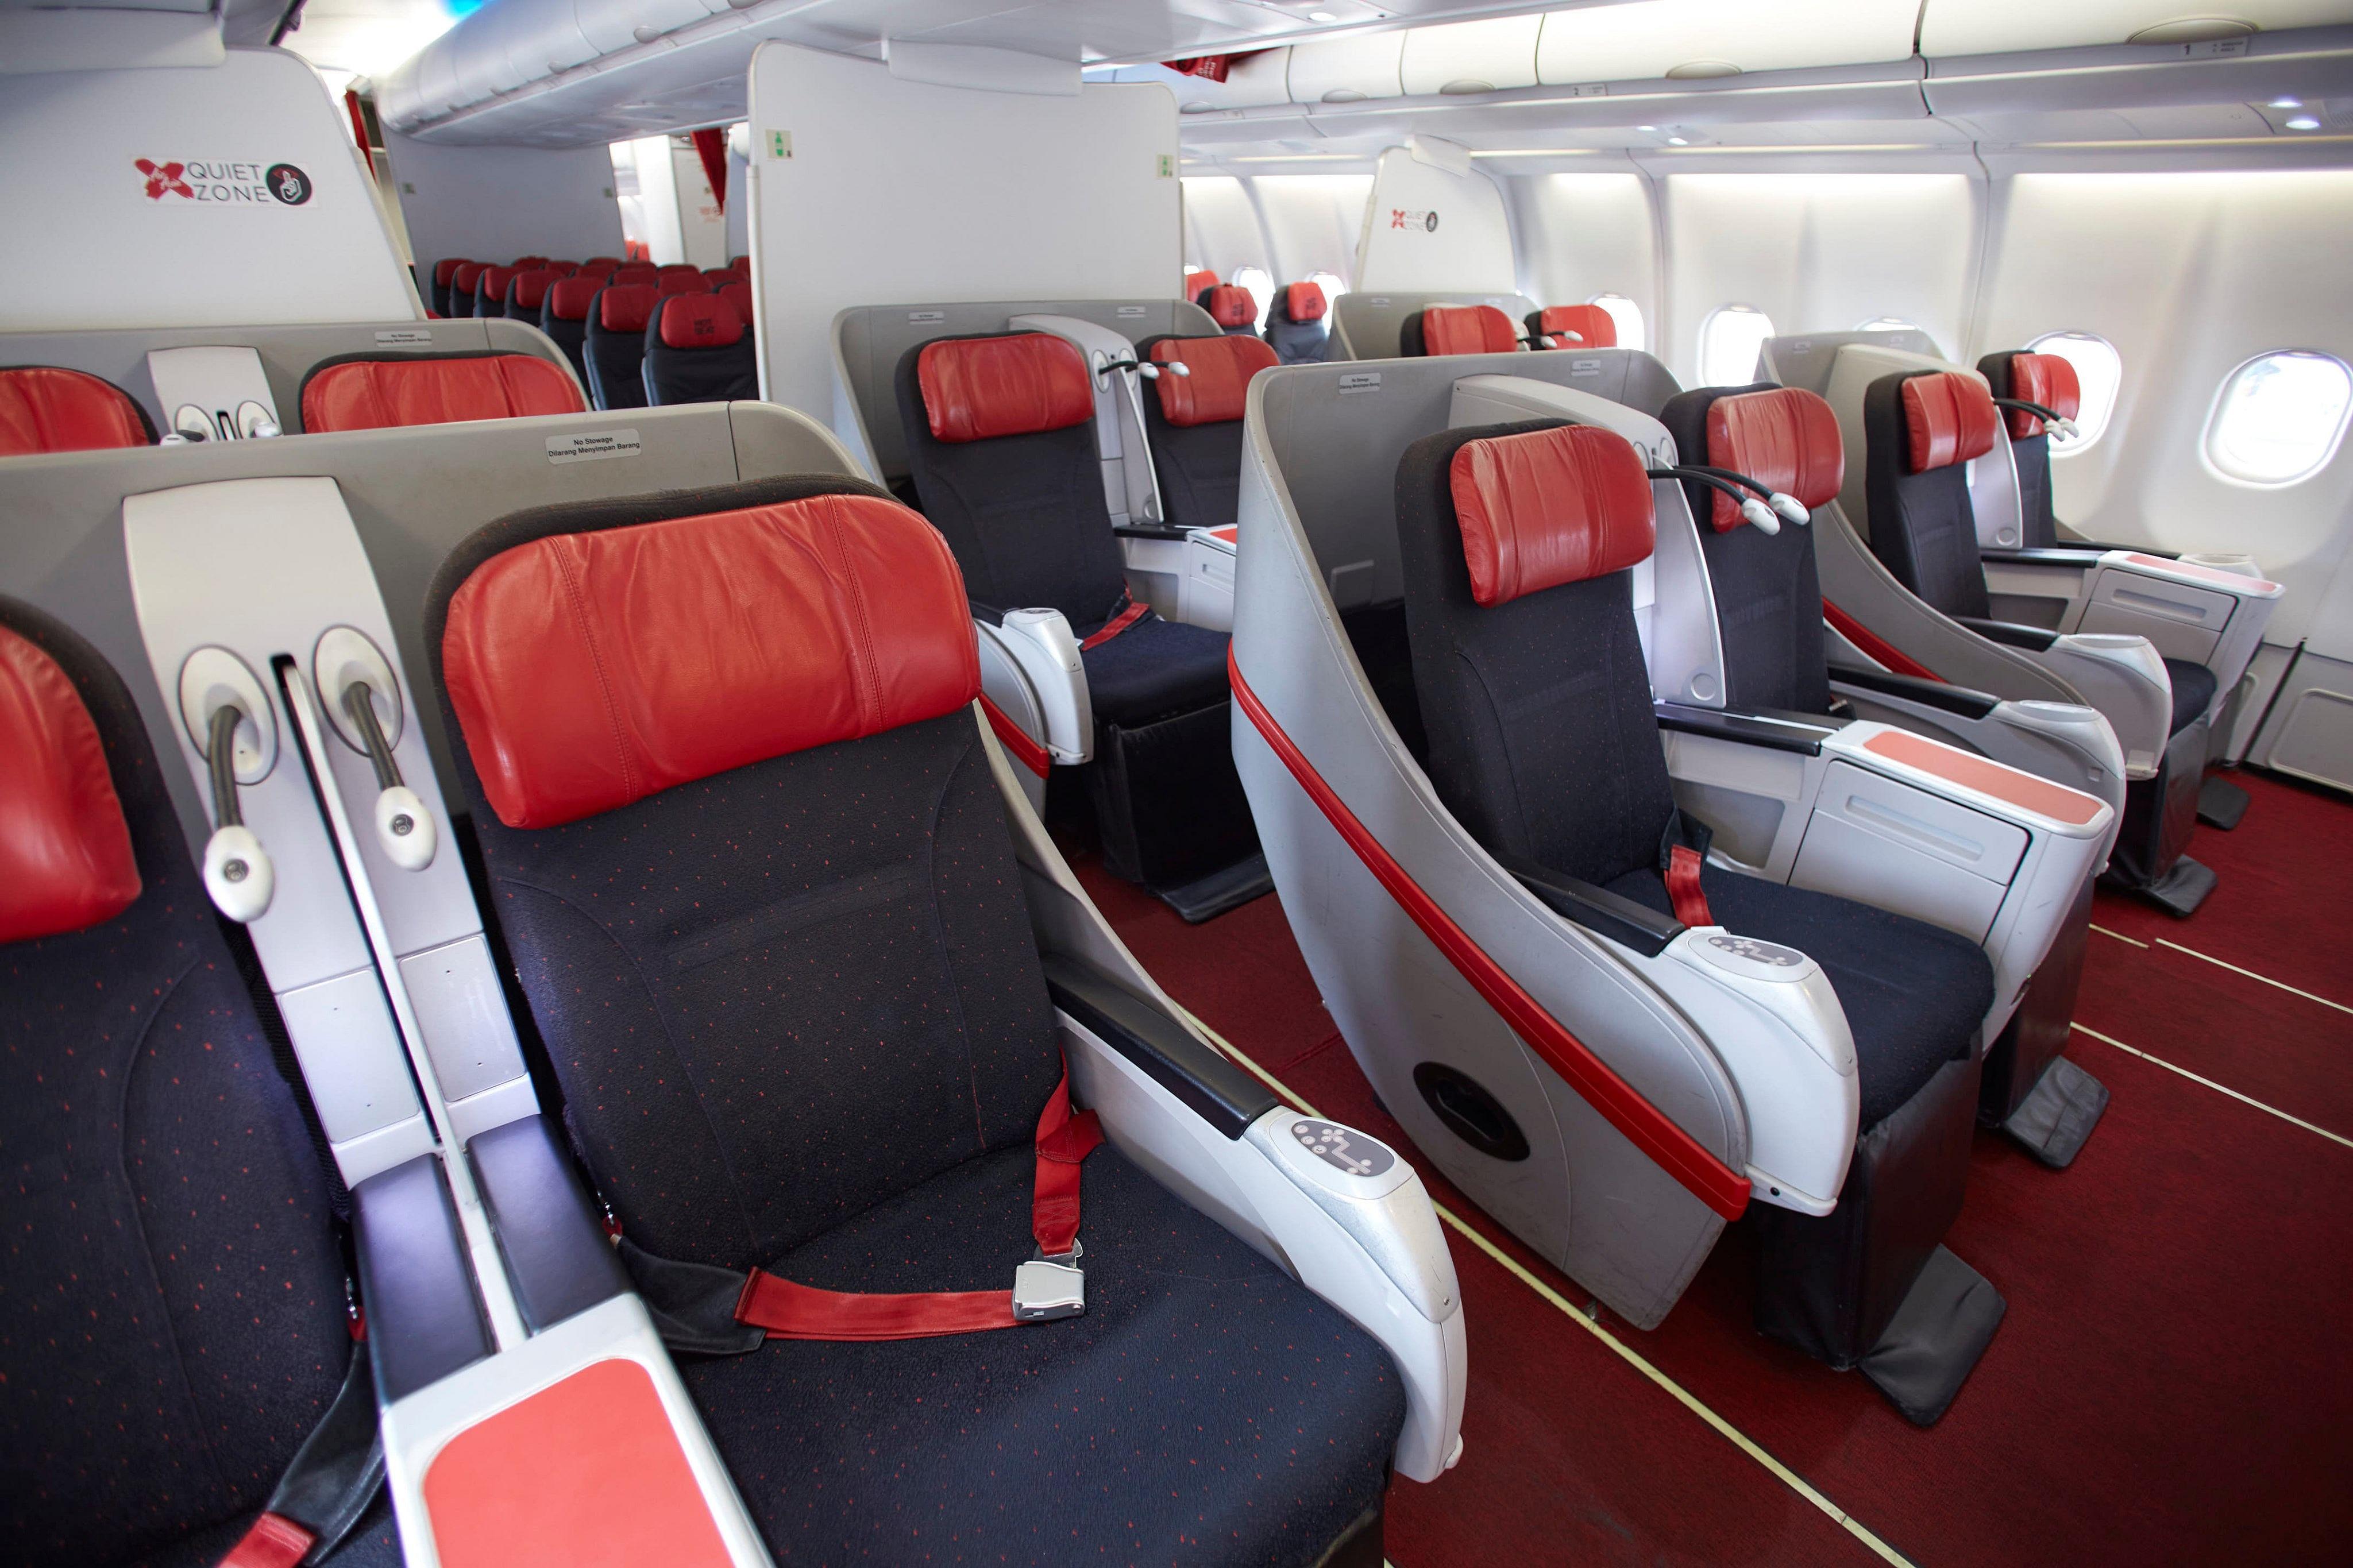 Tukarkan poin AirAsia BIG dengan tiket kelas bisnis AirAsia X